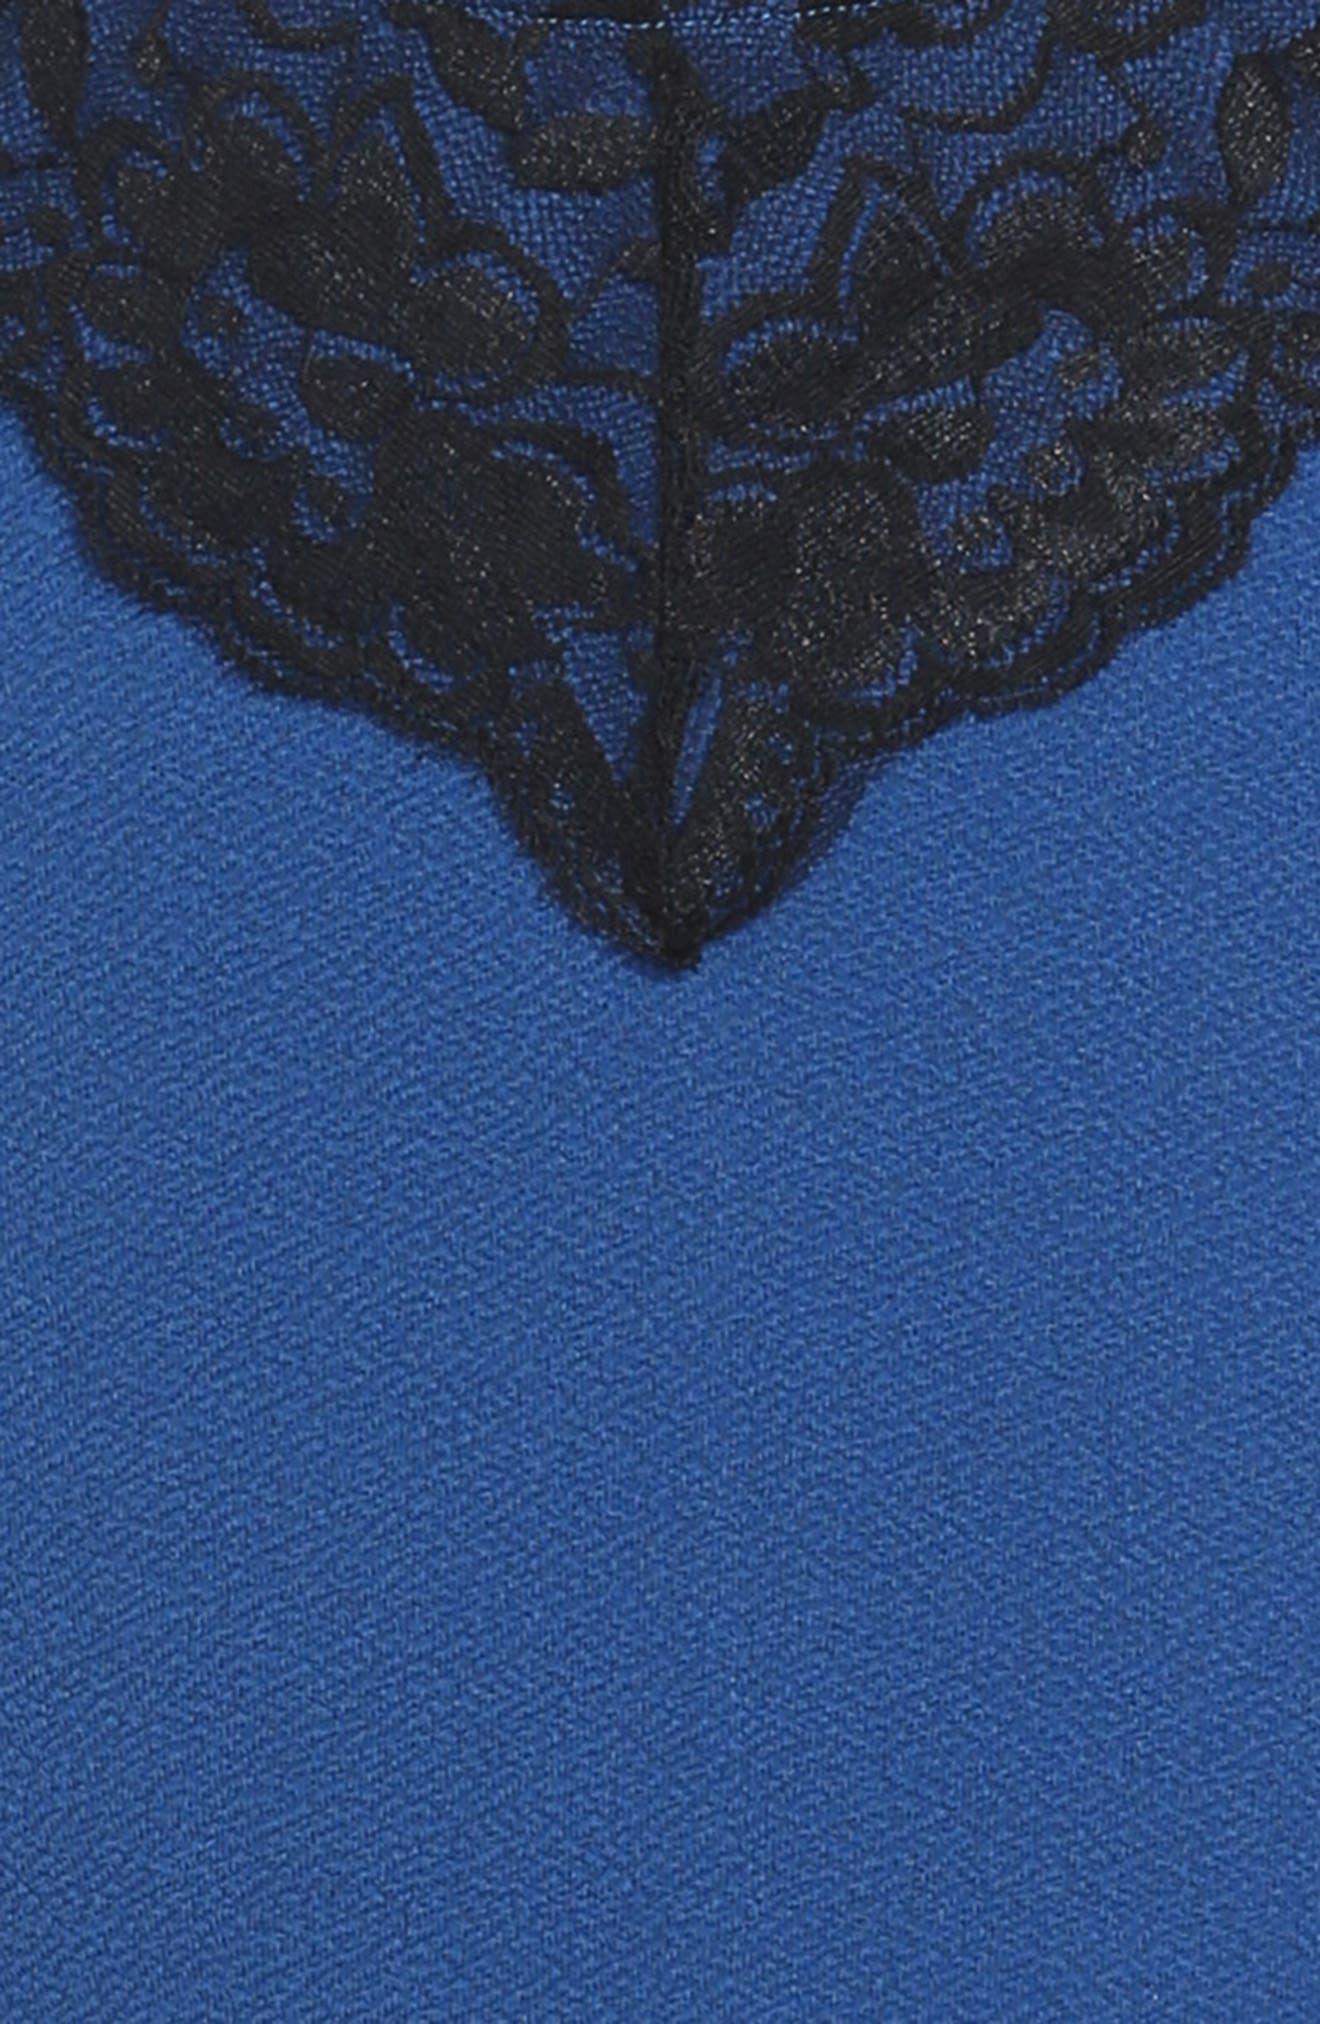 Lace Trim Piqué Dress,                             Alternate thumbnail 3, color,                             406